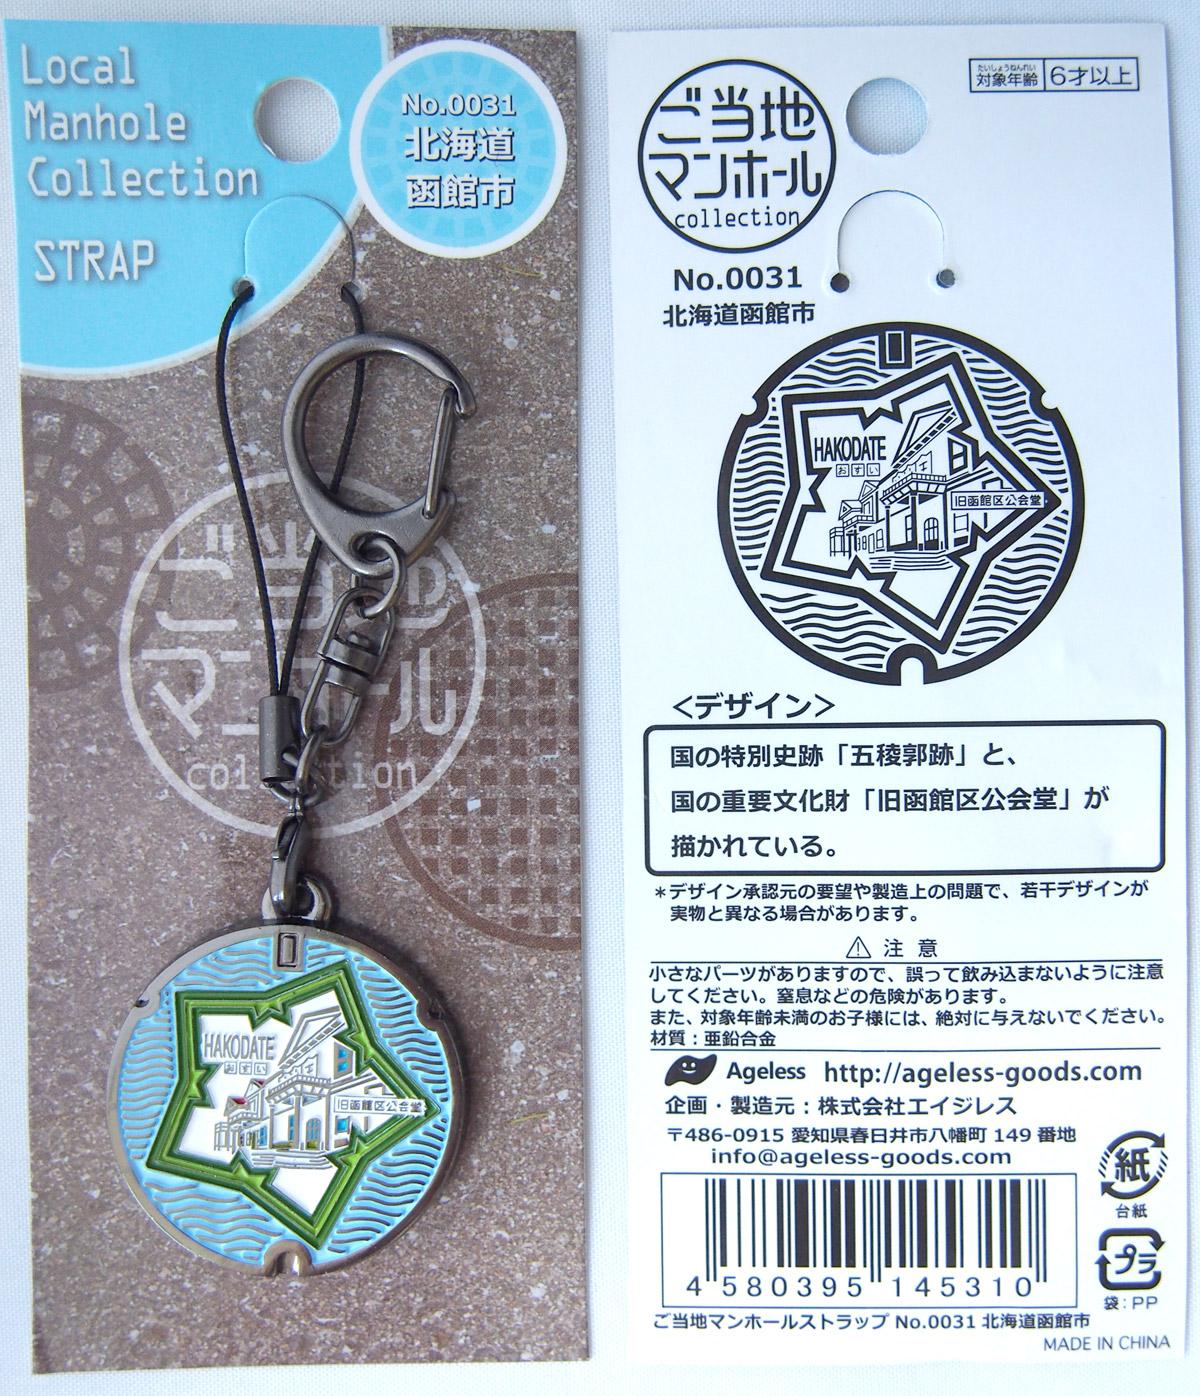 ご当地マンホールストラップ No.0031北海道函館市【メール便可能】